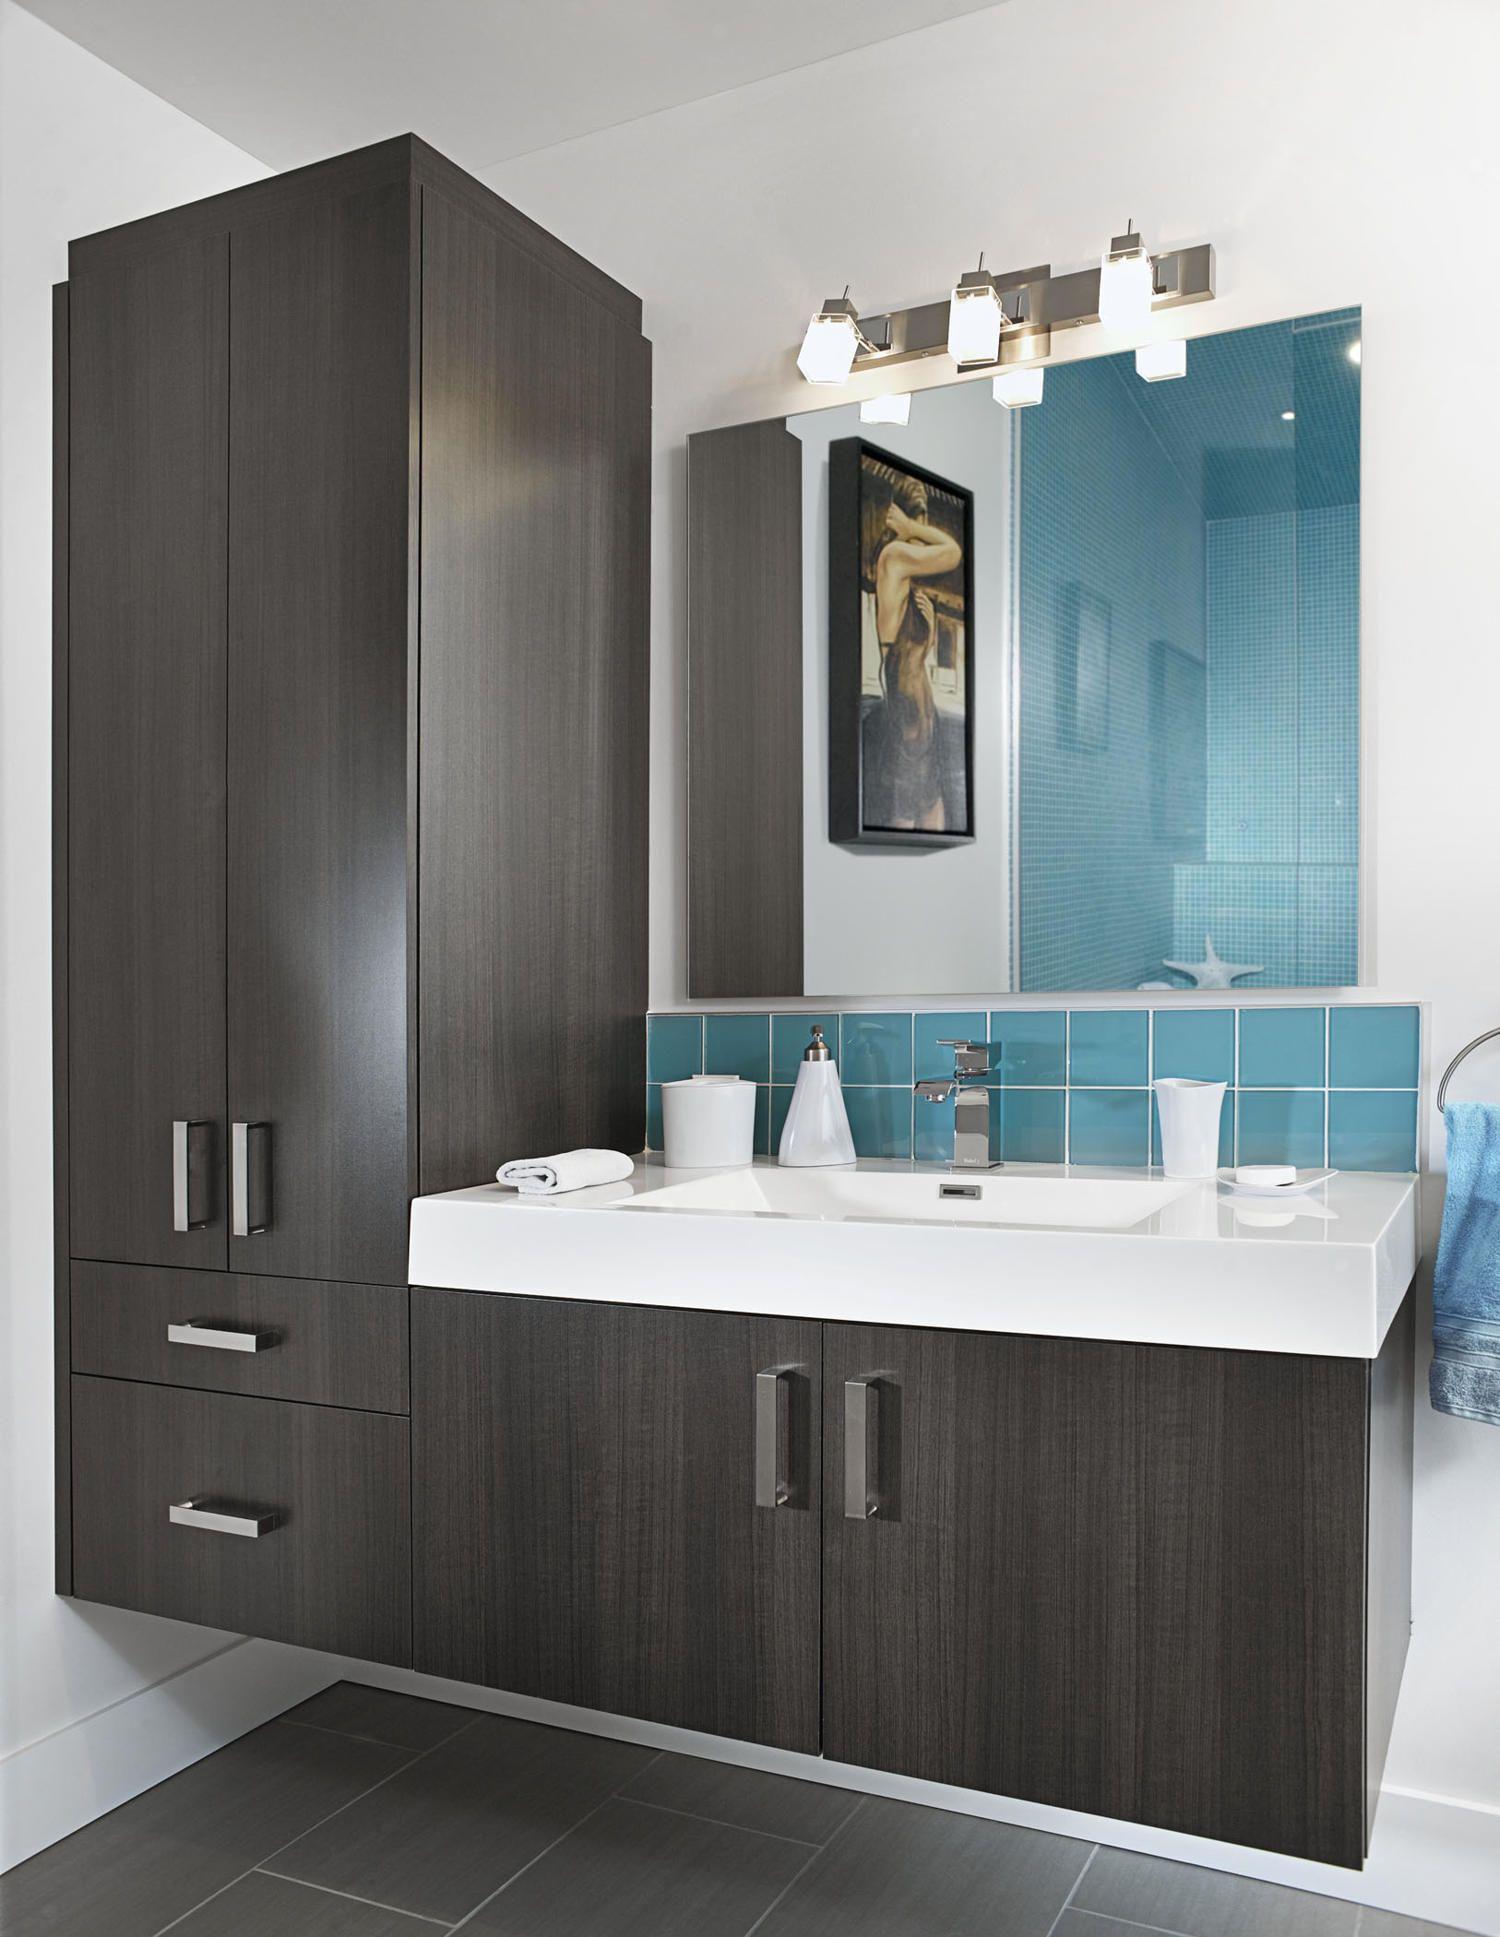 Corail noir vanit m lamine quartz bathroom ideas - Vanite salle de bain contemporaine ...